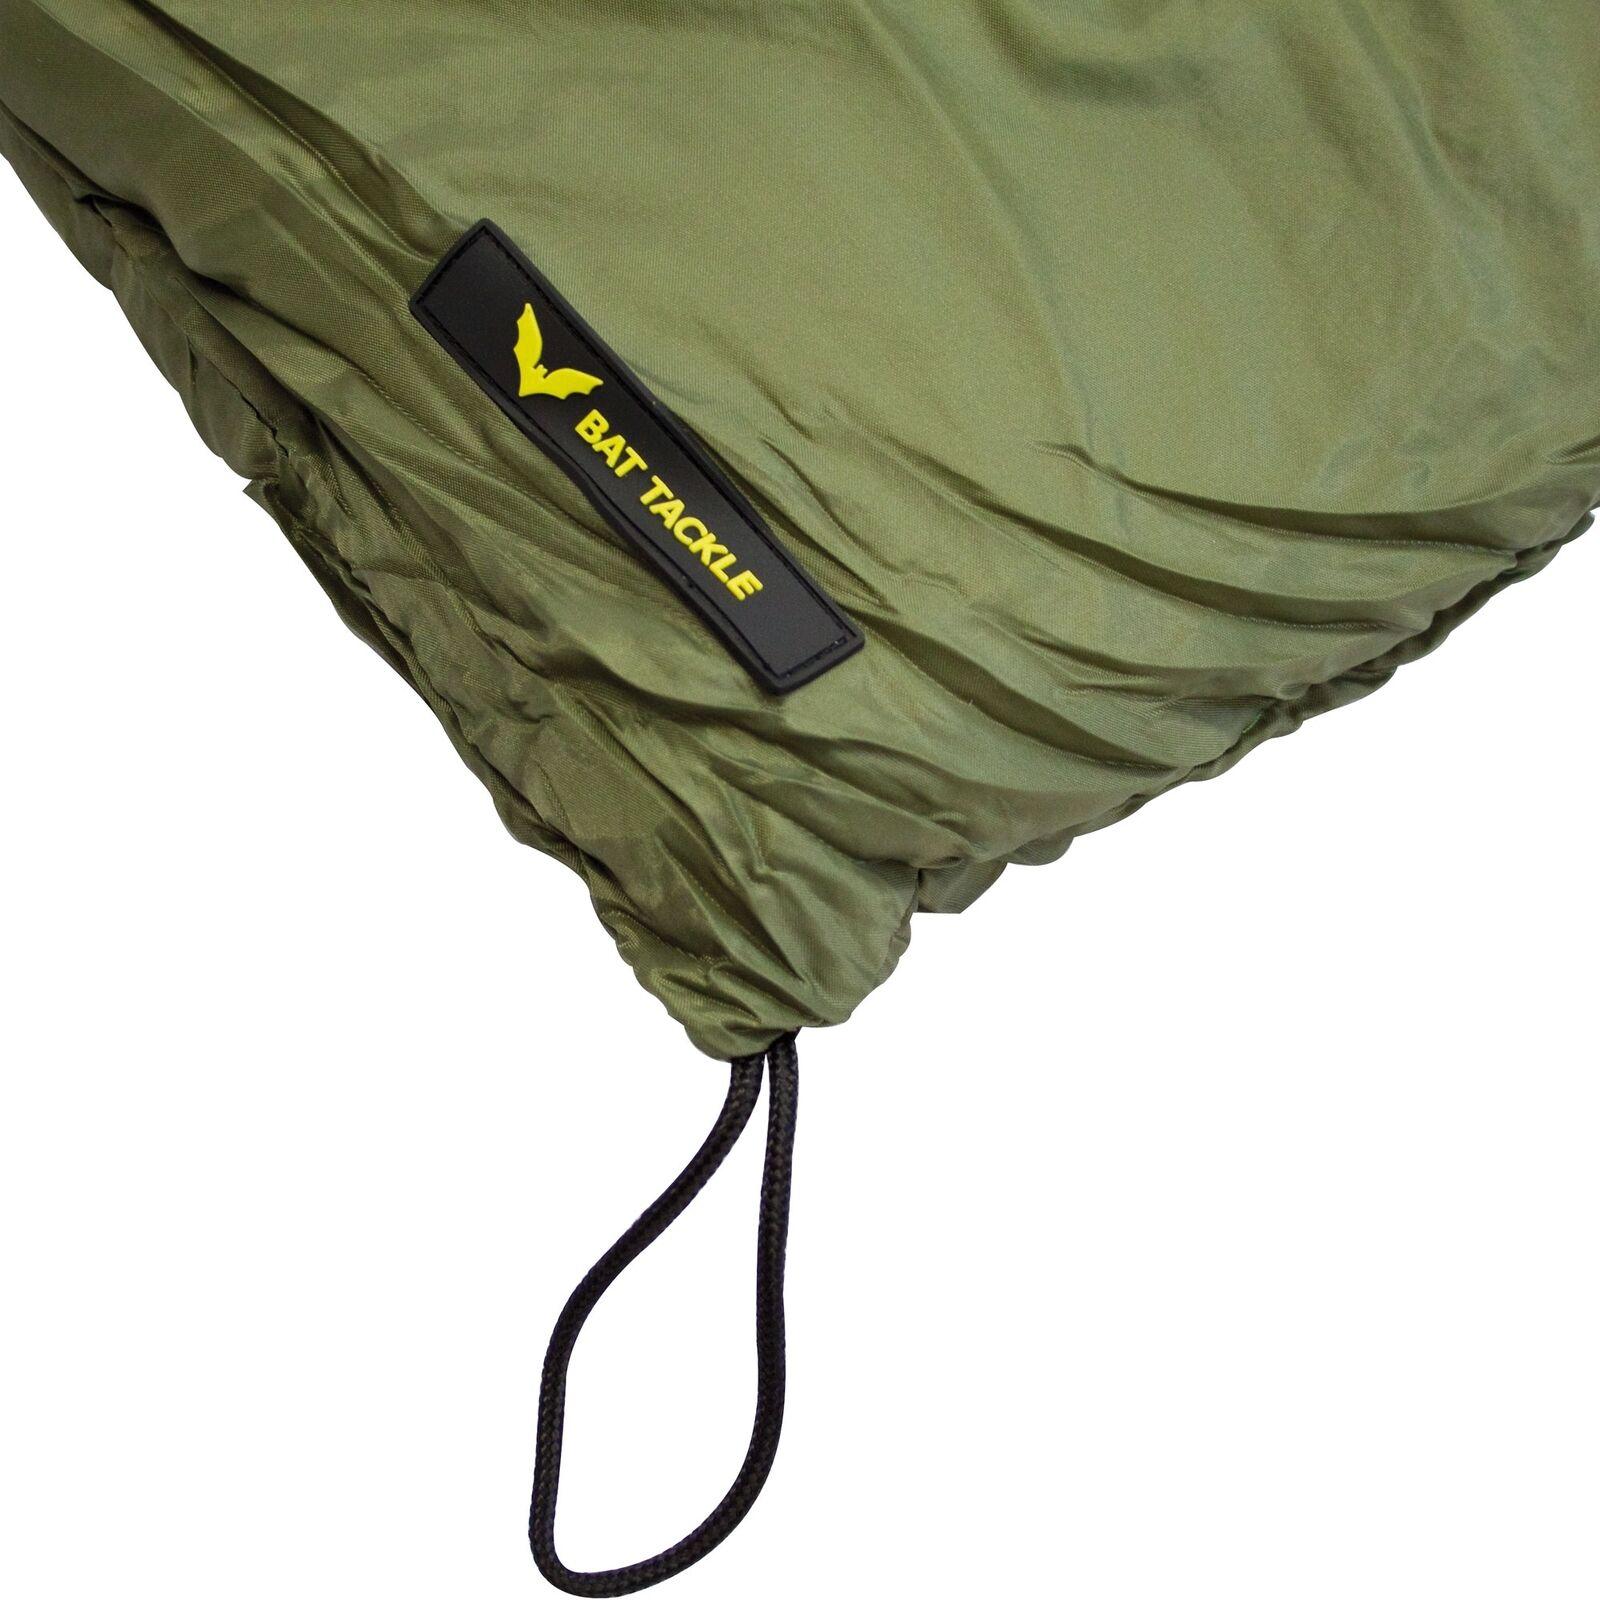 Couvertures sac de de de couchage bat tackle nightwalker Dream 220x85cm sac de couchage pêche camping 27c95d